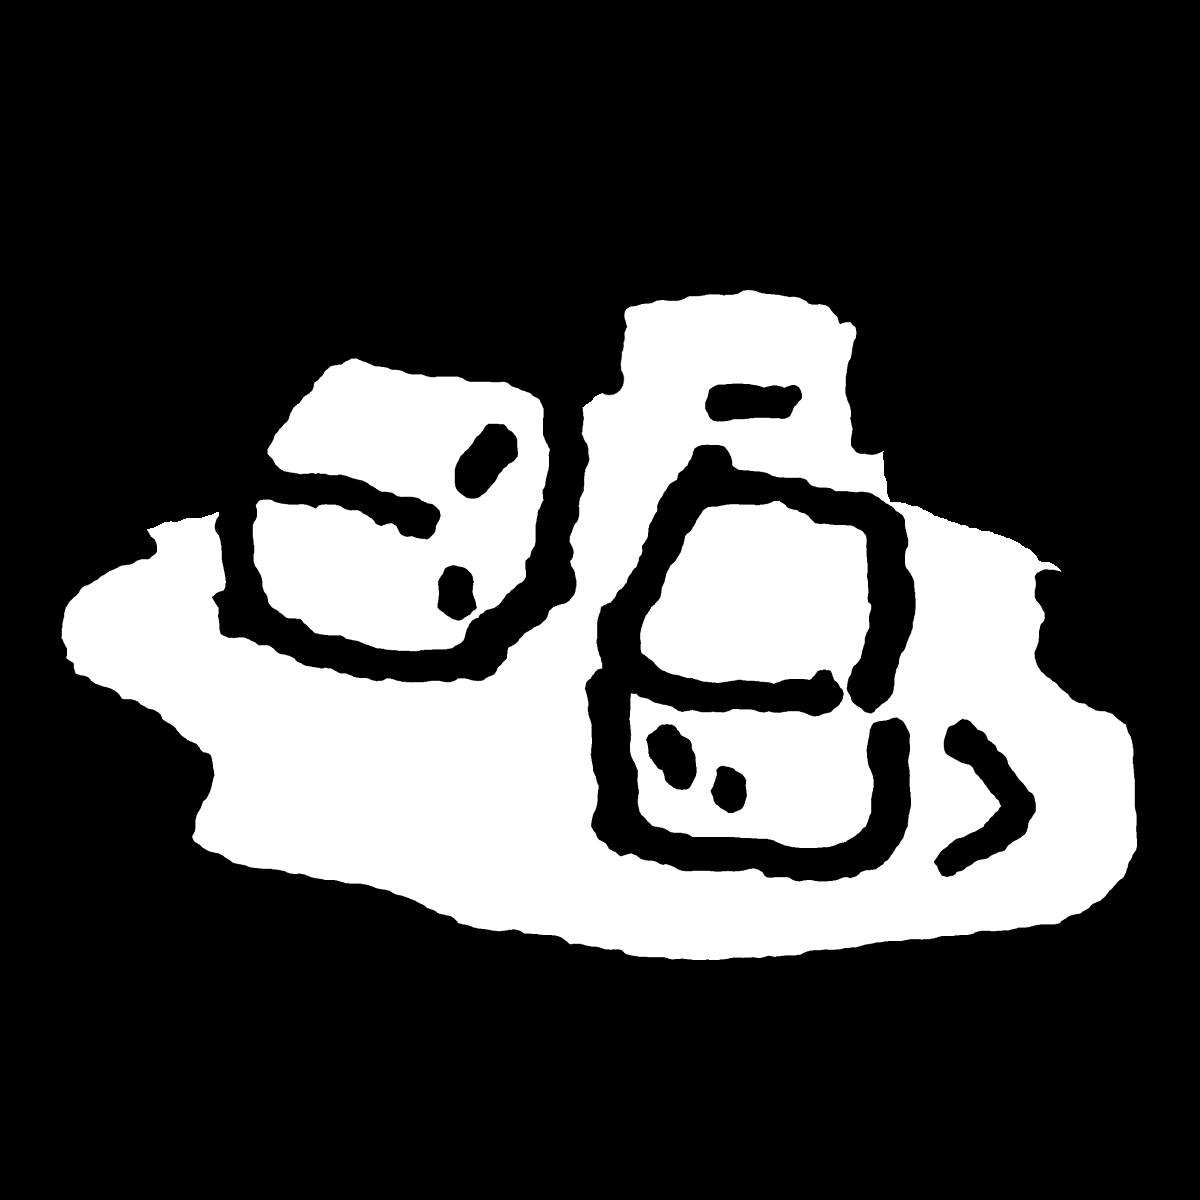 溶け始めた氷のイラスト / Ice that has begun to melt Illustration